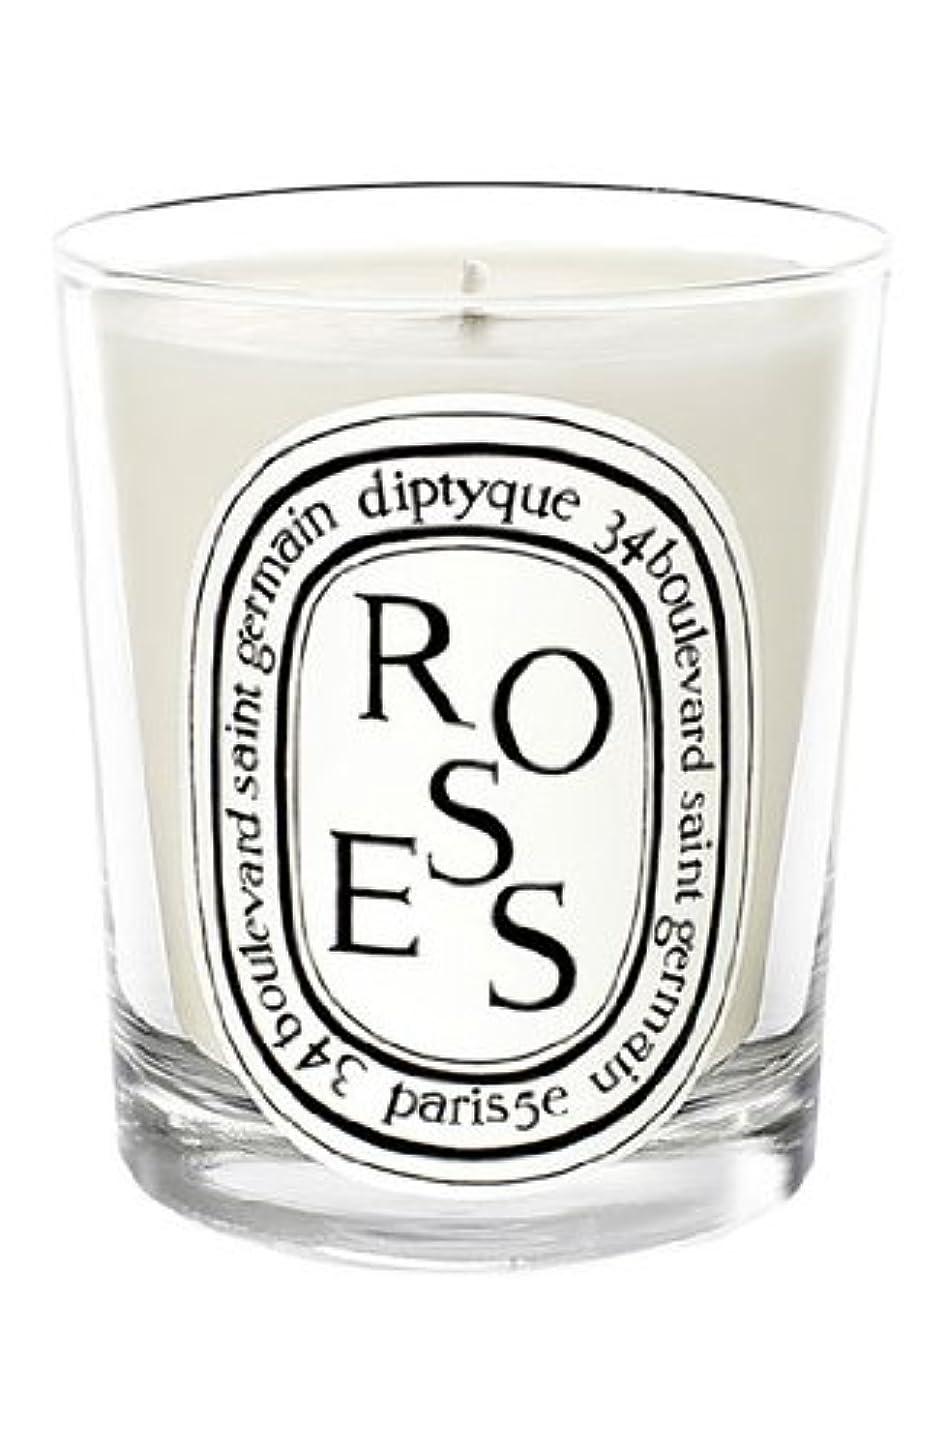 ほこりツーリスト我慢するDiptyque - Roses Candle (ディプティック ロージーズ キャンドル) 70 g